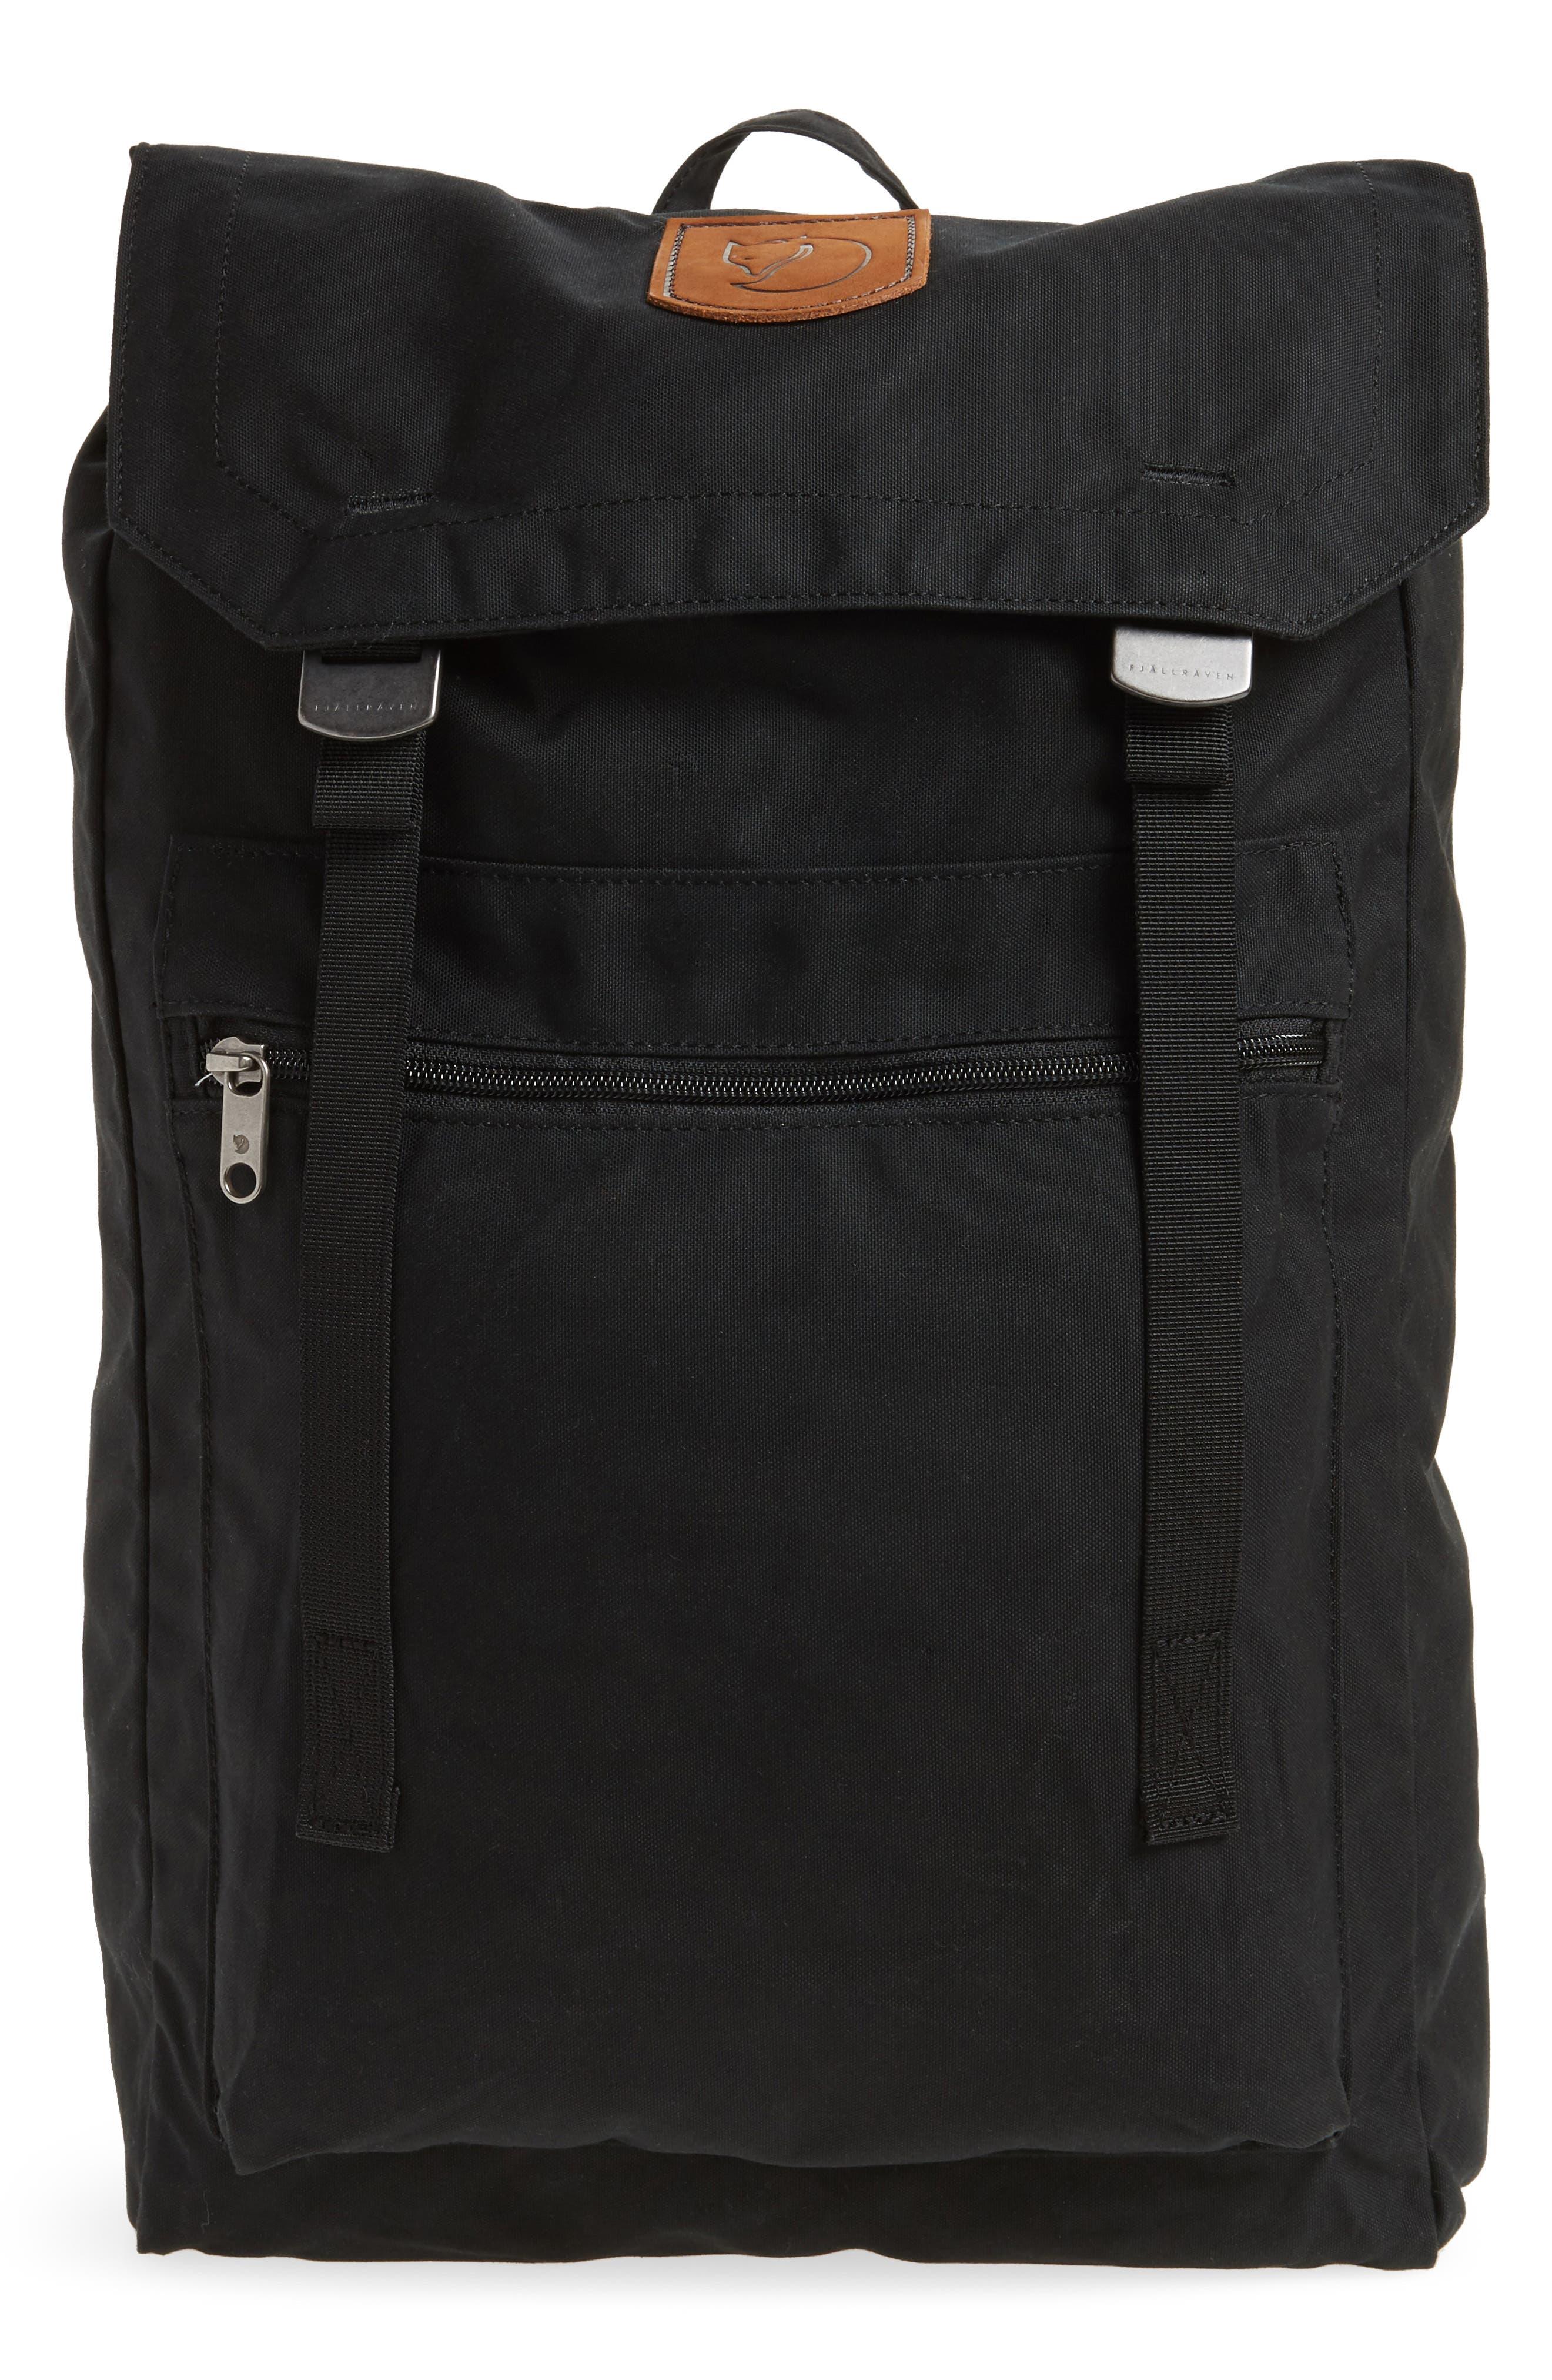 Foldsack No.1 Water Resistant Backpack